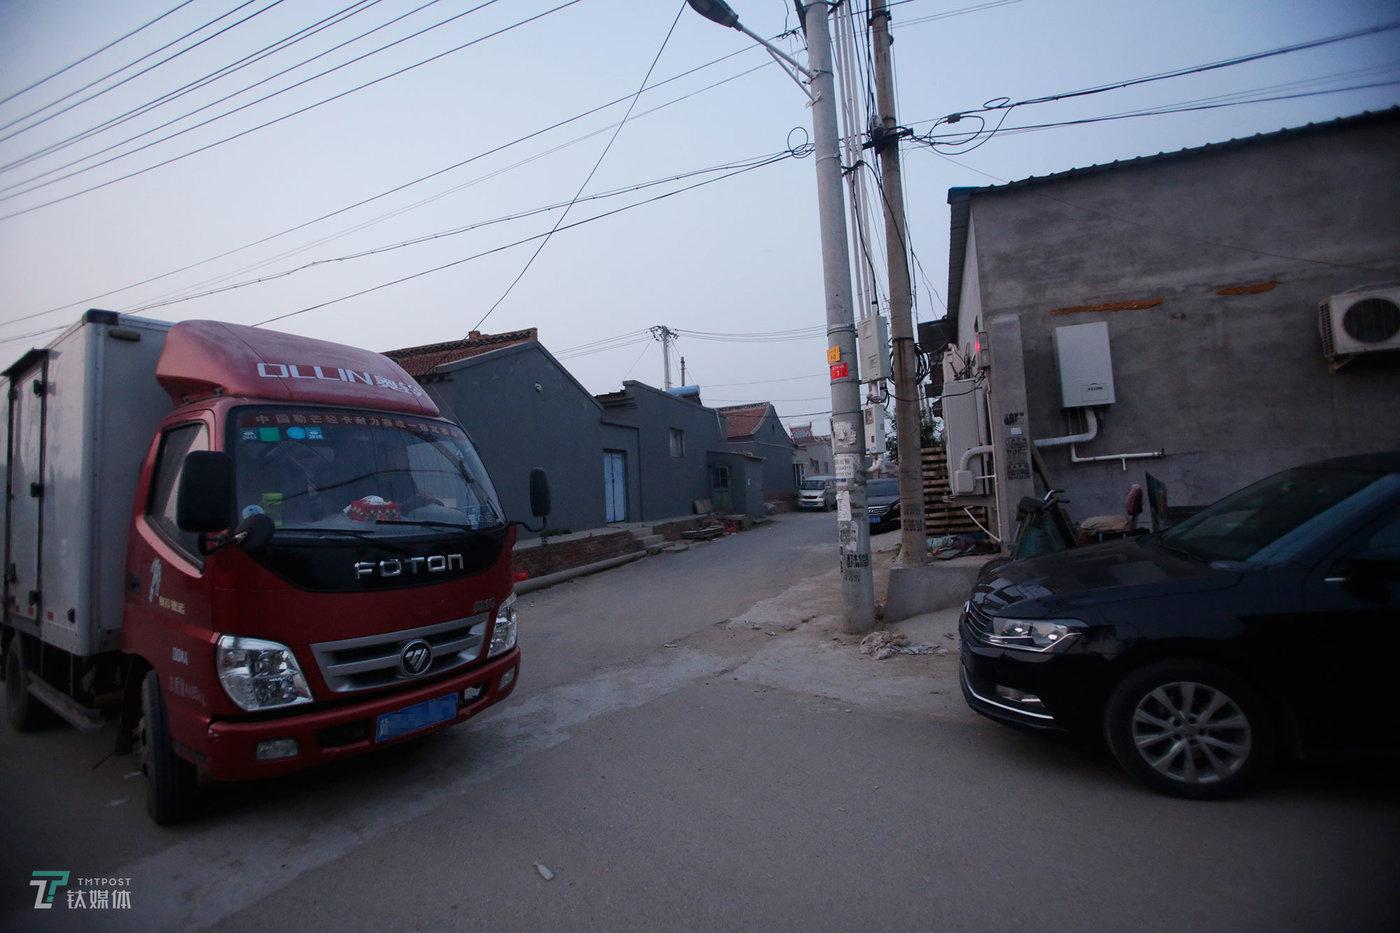 出门前,钟辰会先帮老婆把货车倒出来。他家有两台车,黑色轿车是钟辰跑网约车用的,厢货是妻子用来赶集的。